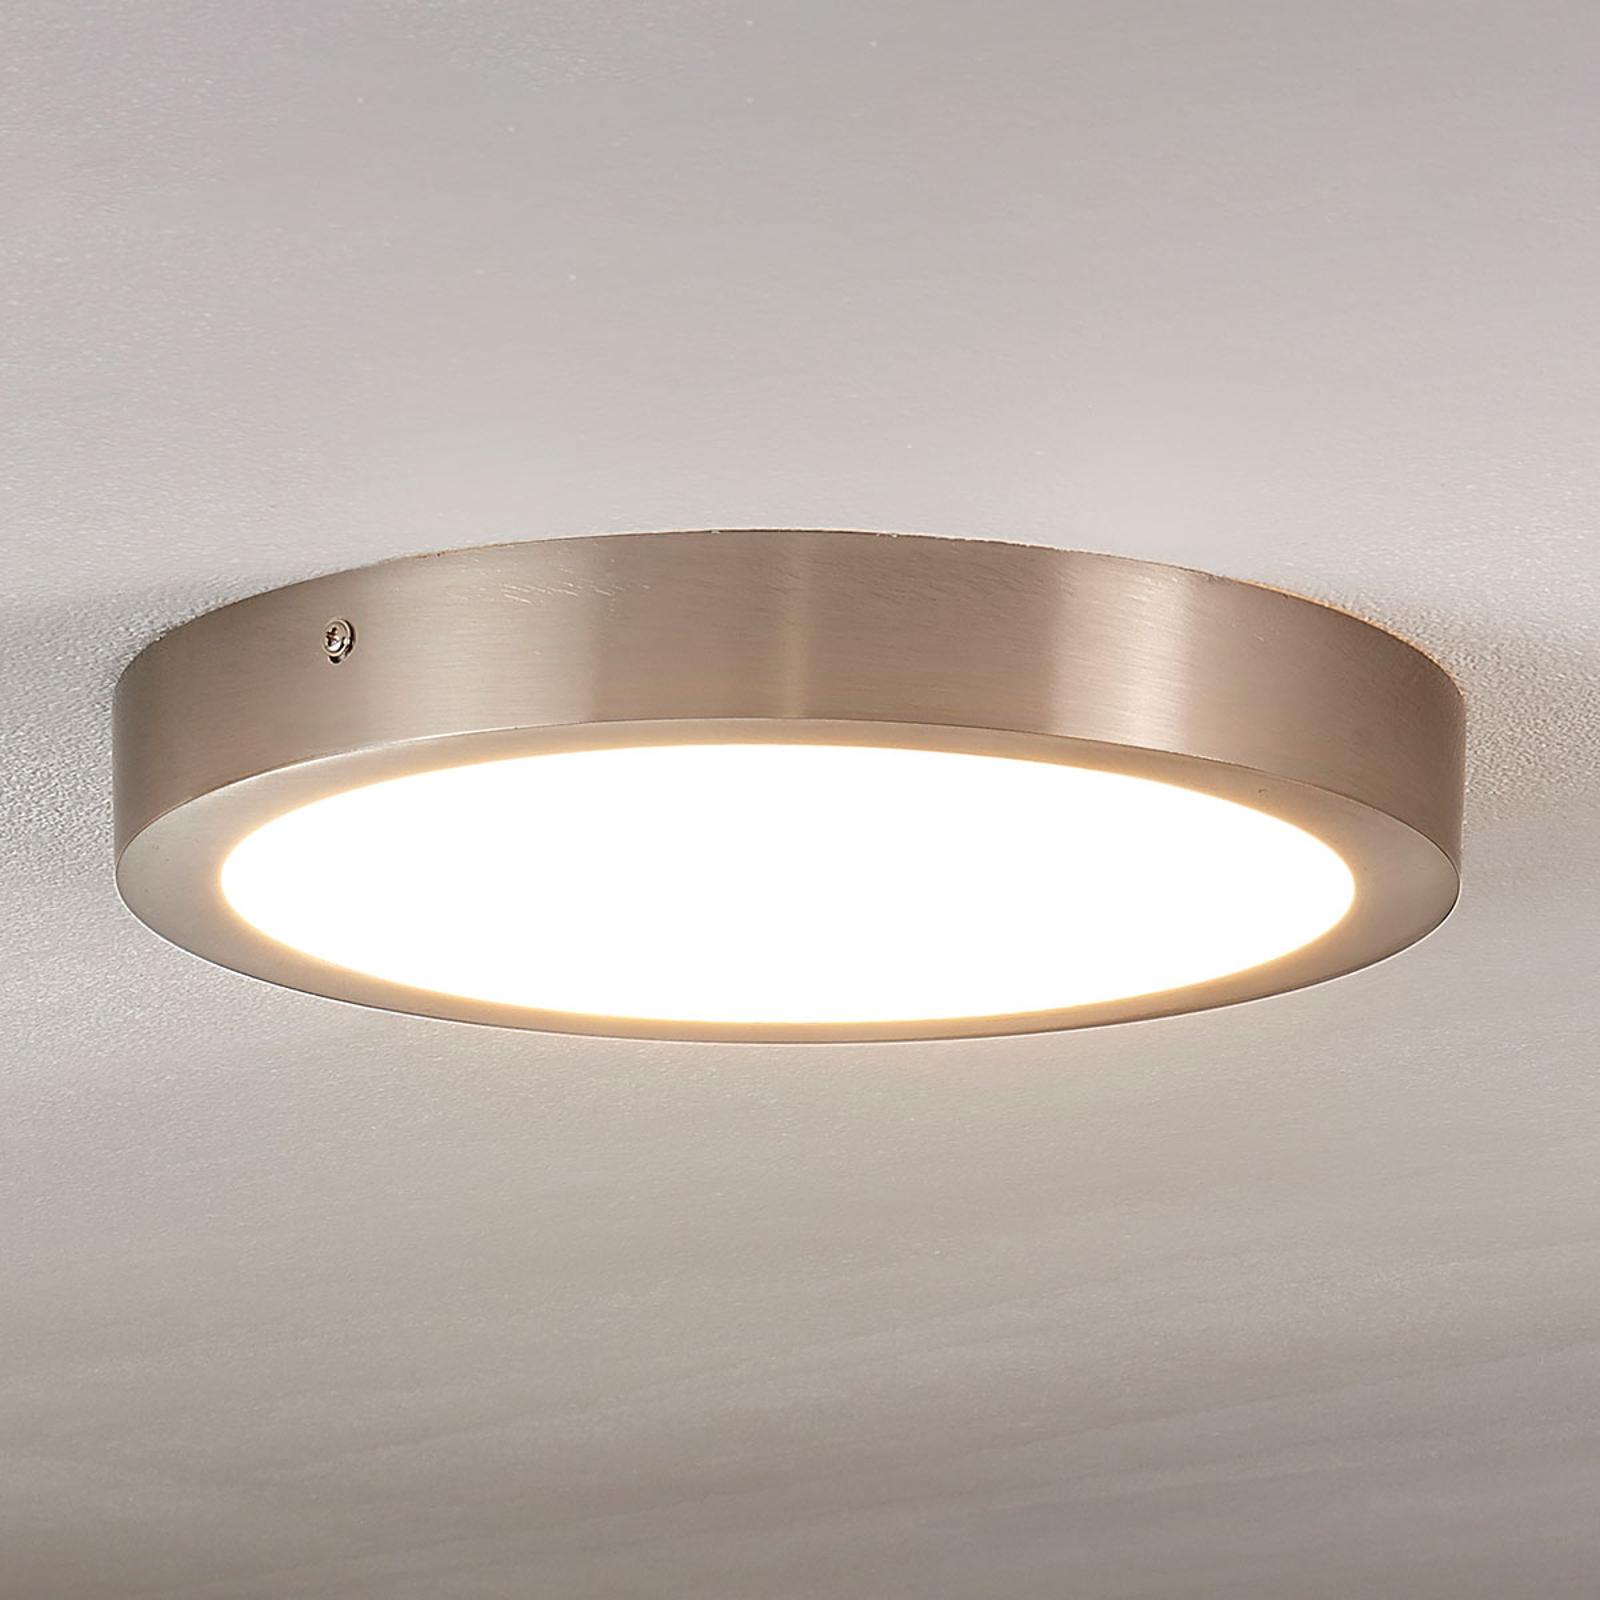 Milea - pyöreä LED-kattovalaisin